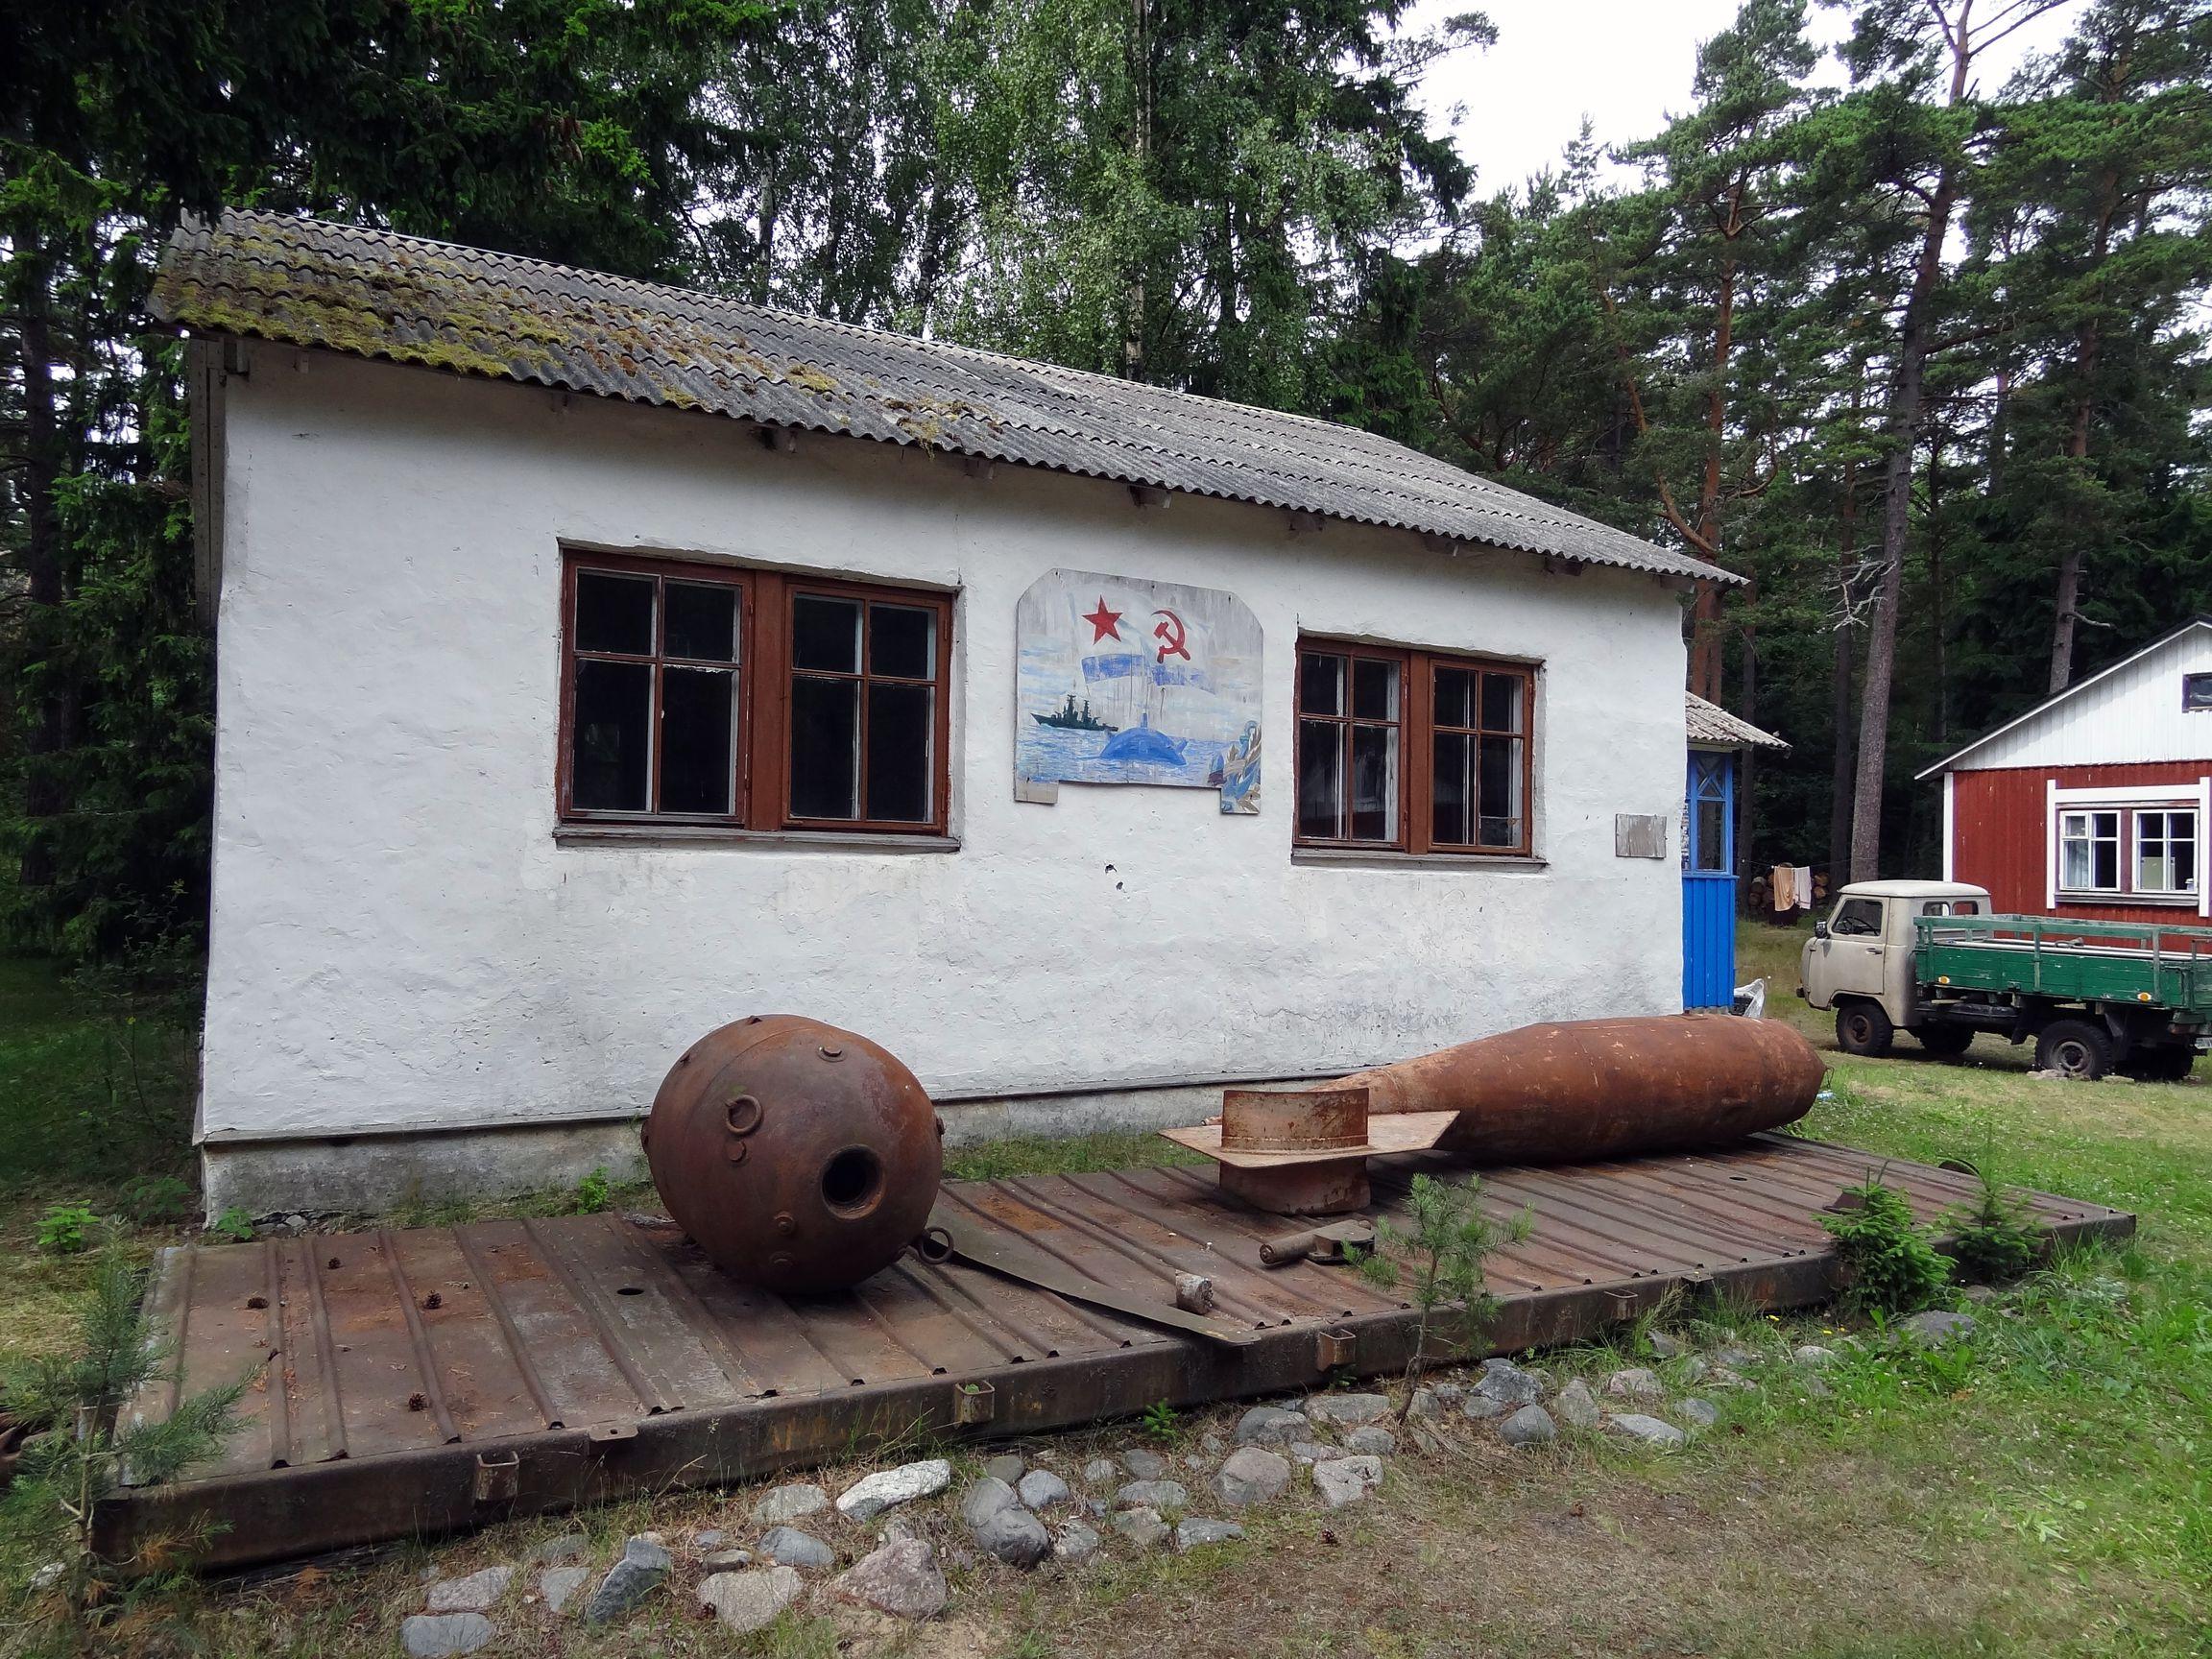 Inselmuseum